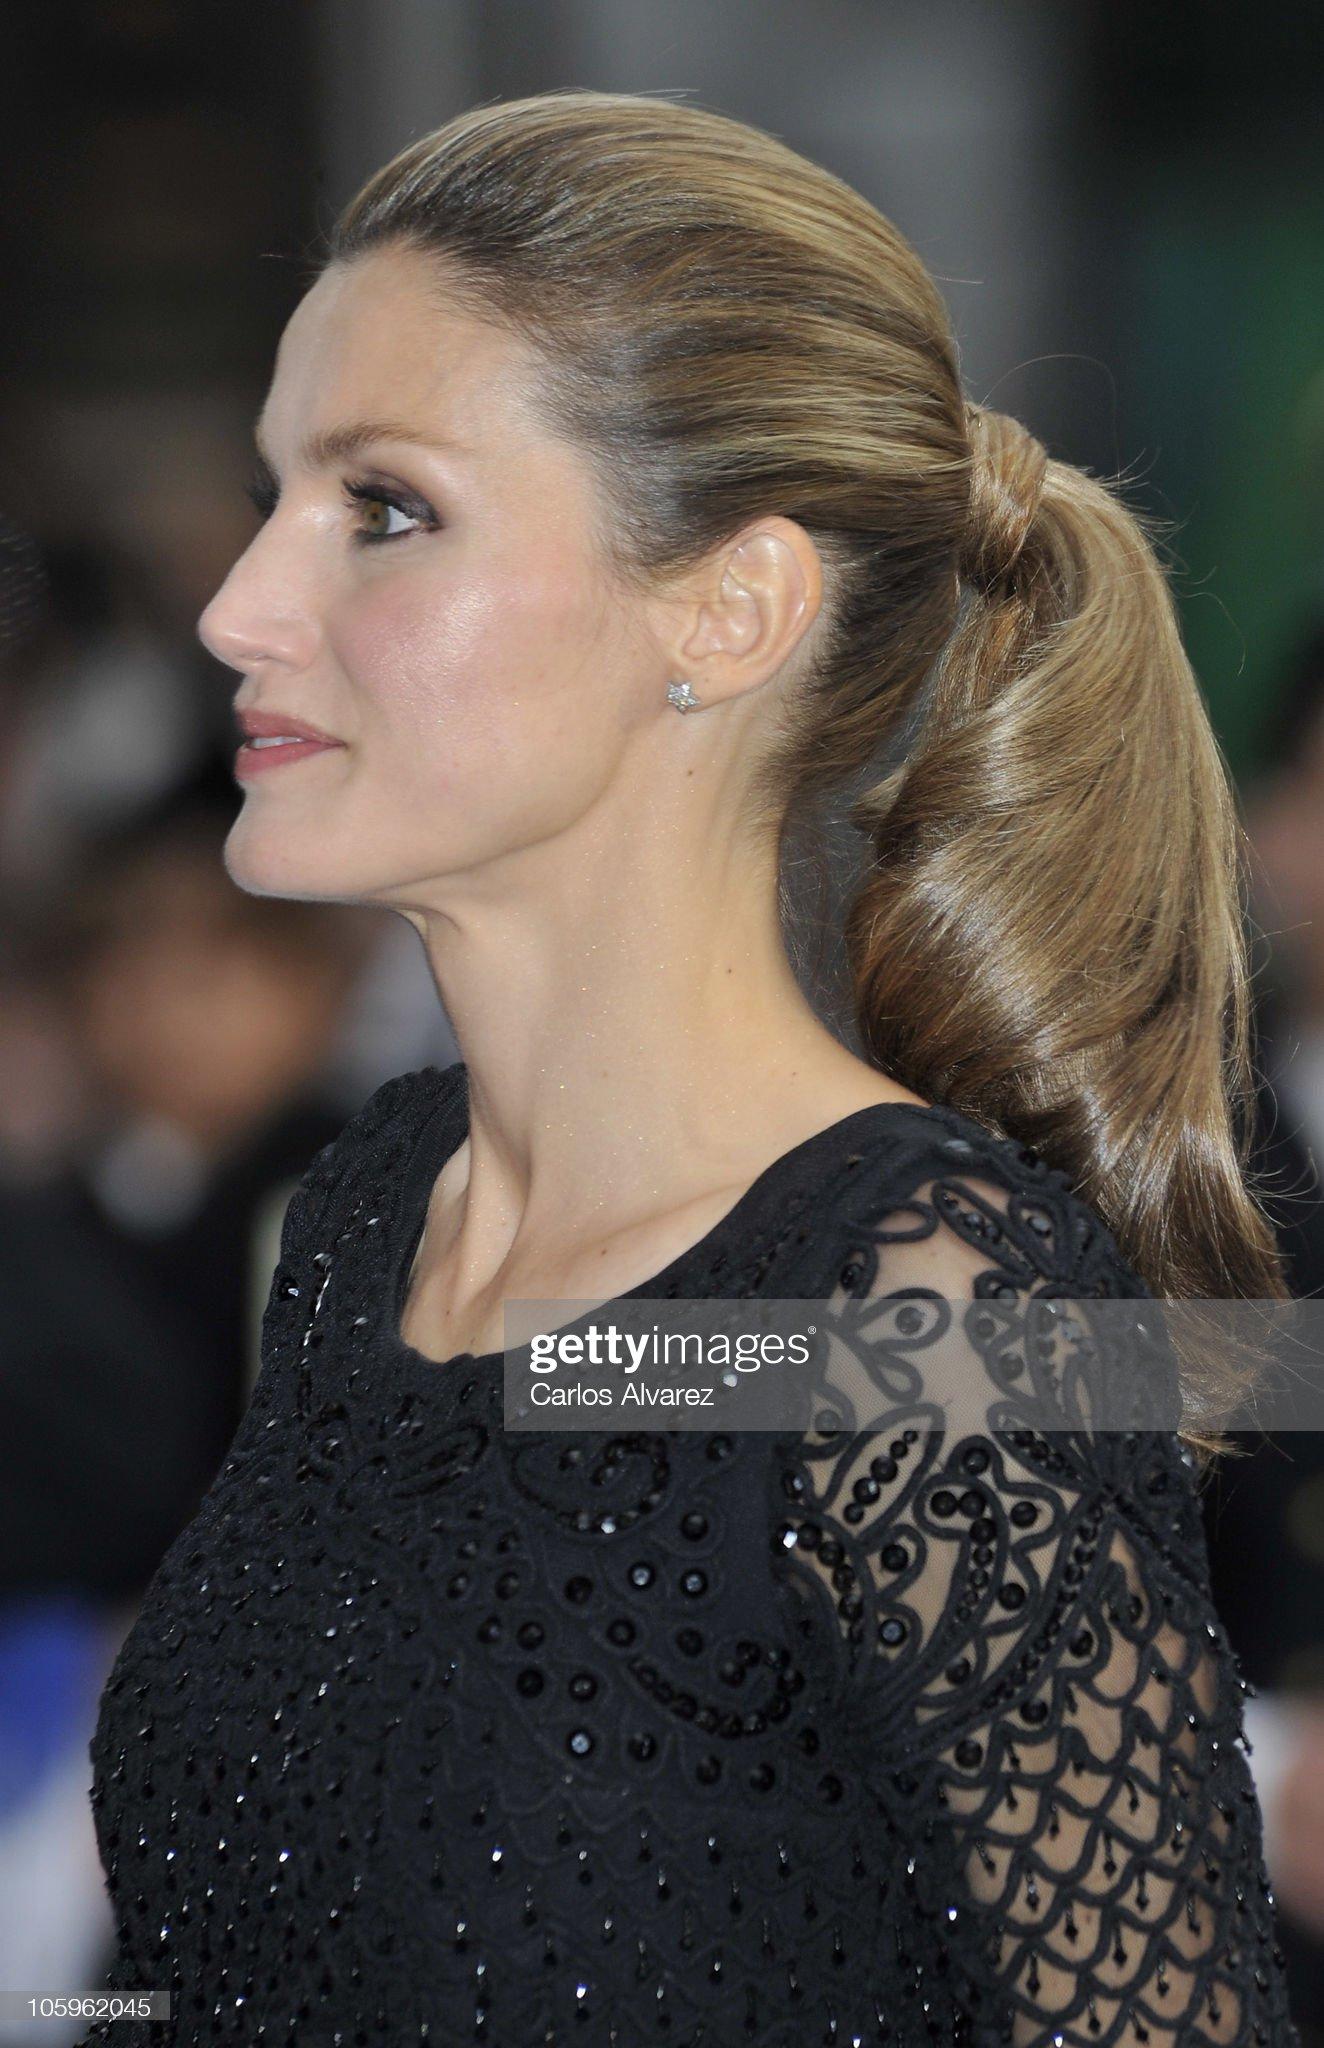 'Principes de Asturias' Awards 2010 - Arrivals : News Photo